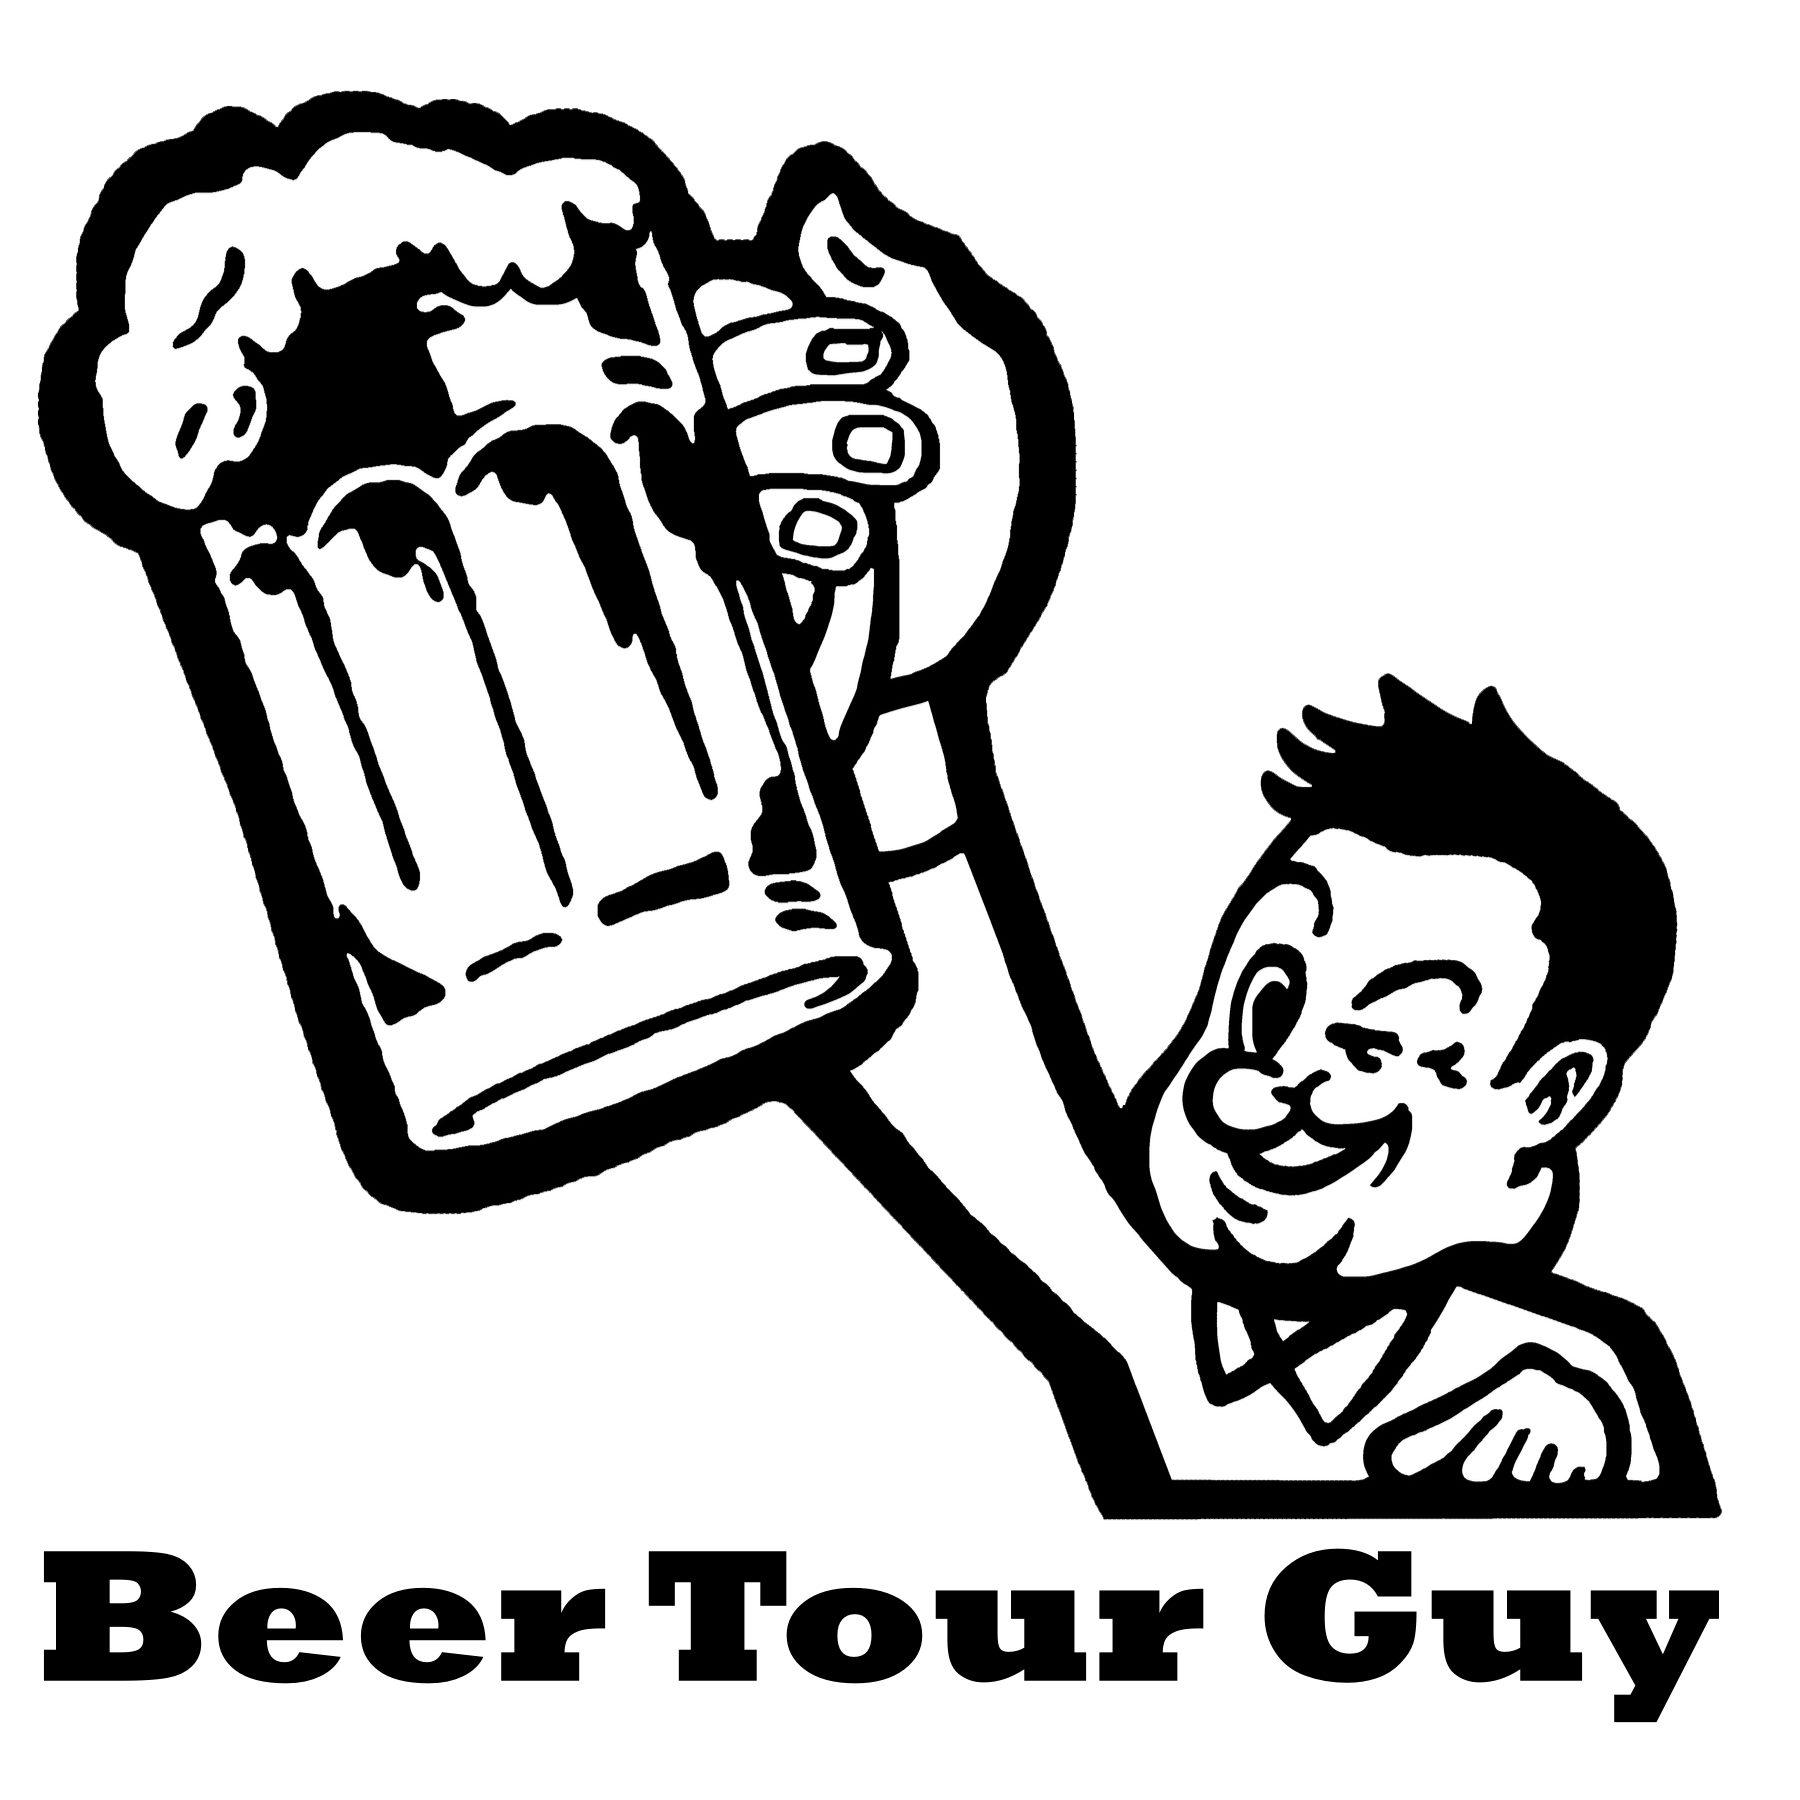 1800x1800 Beer Tour Guy Better On Draft